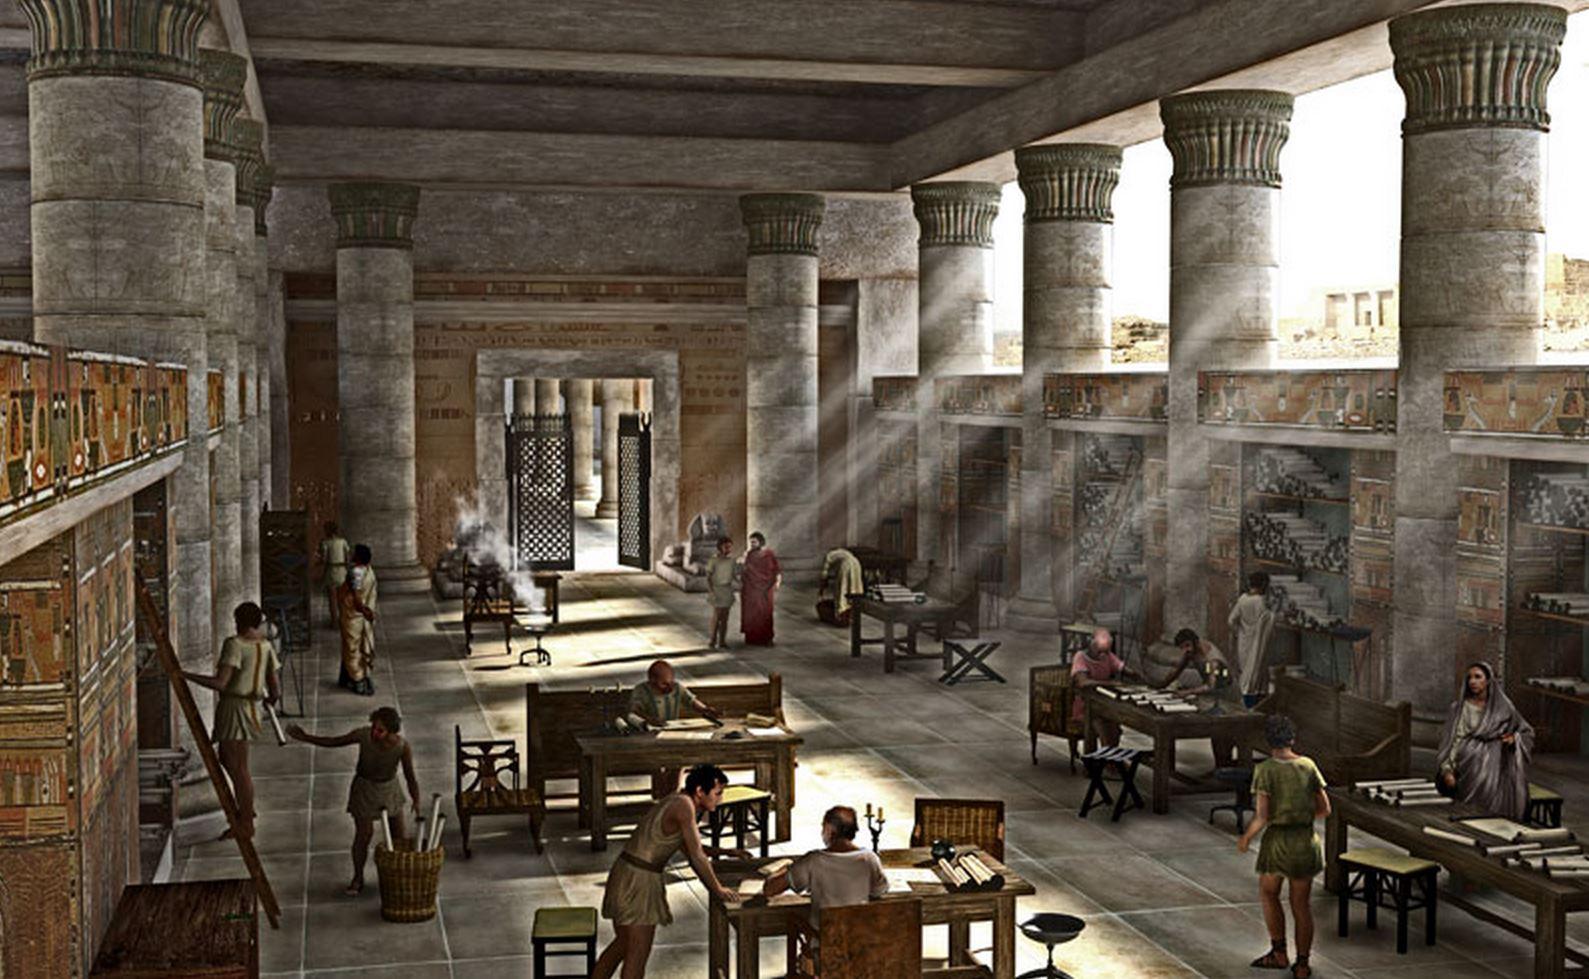 La tesaurizzazione del sapere la biblioteca di for Biblioteca di storia moderna e contemporanea